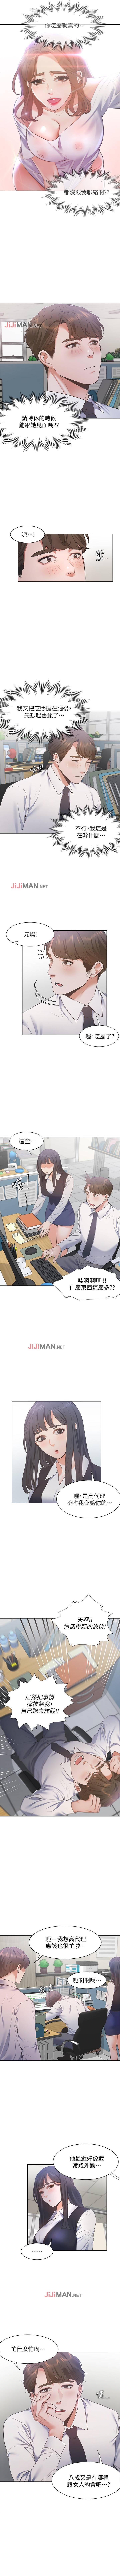 【周五连载】渴望:爱火难耐(作者:Appeal&格子17) 第1~24话 142